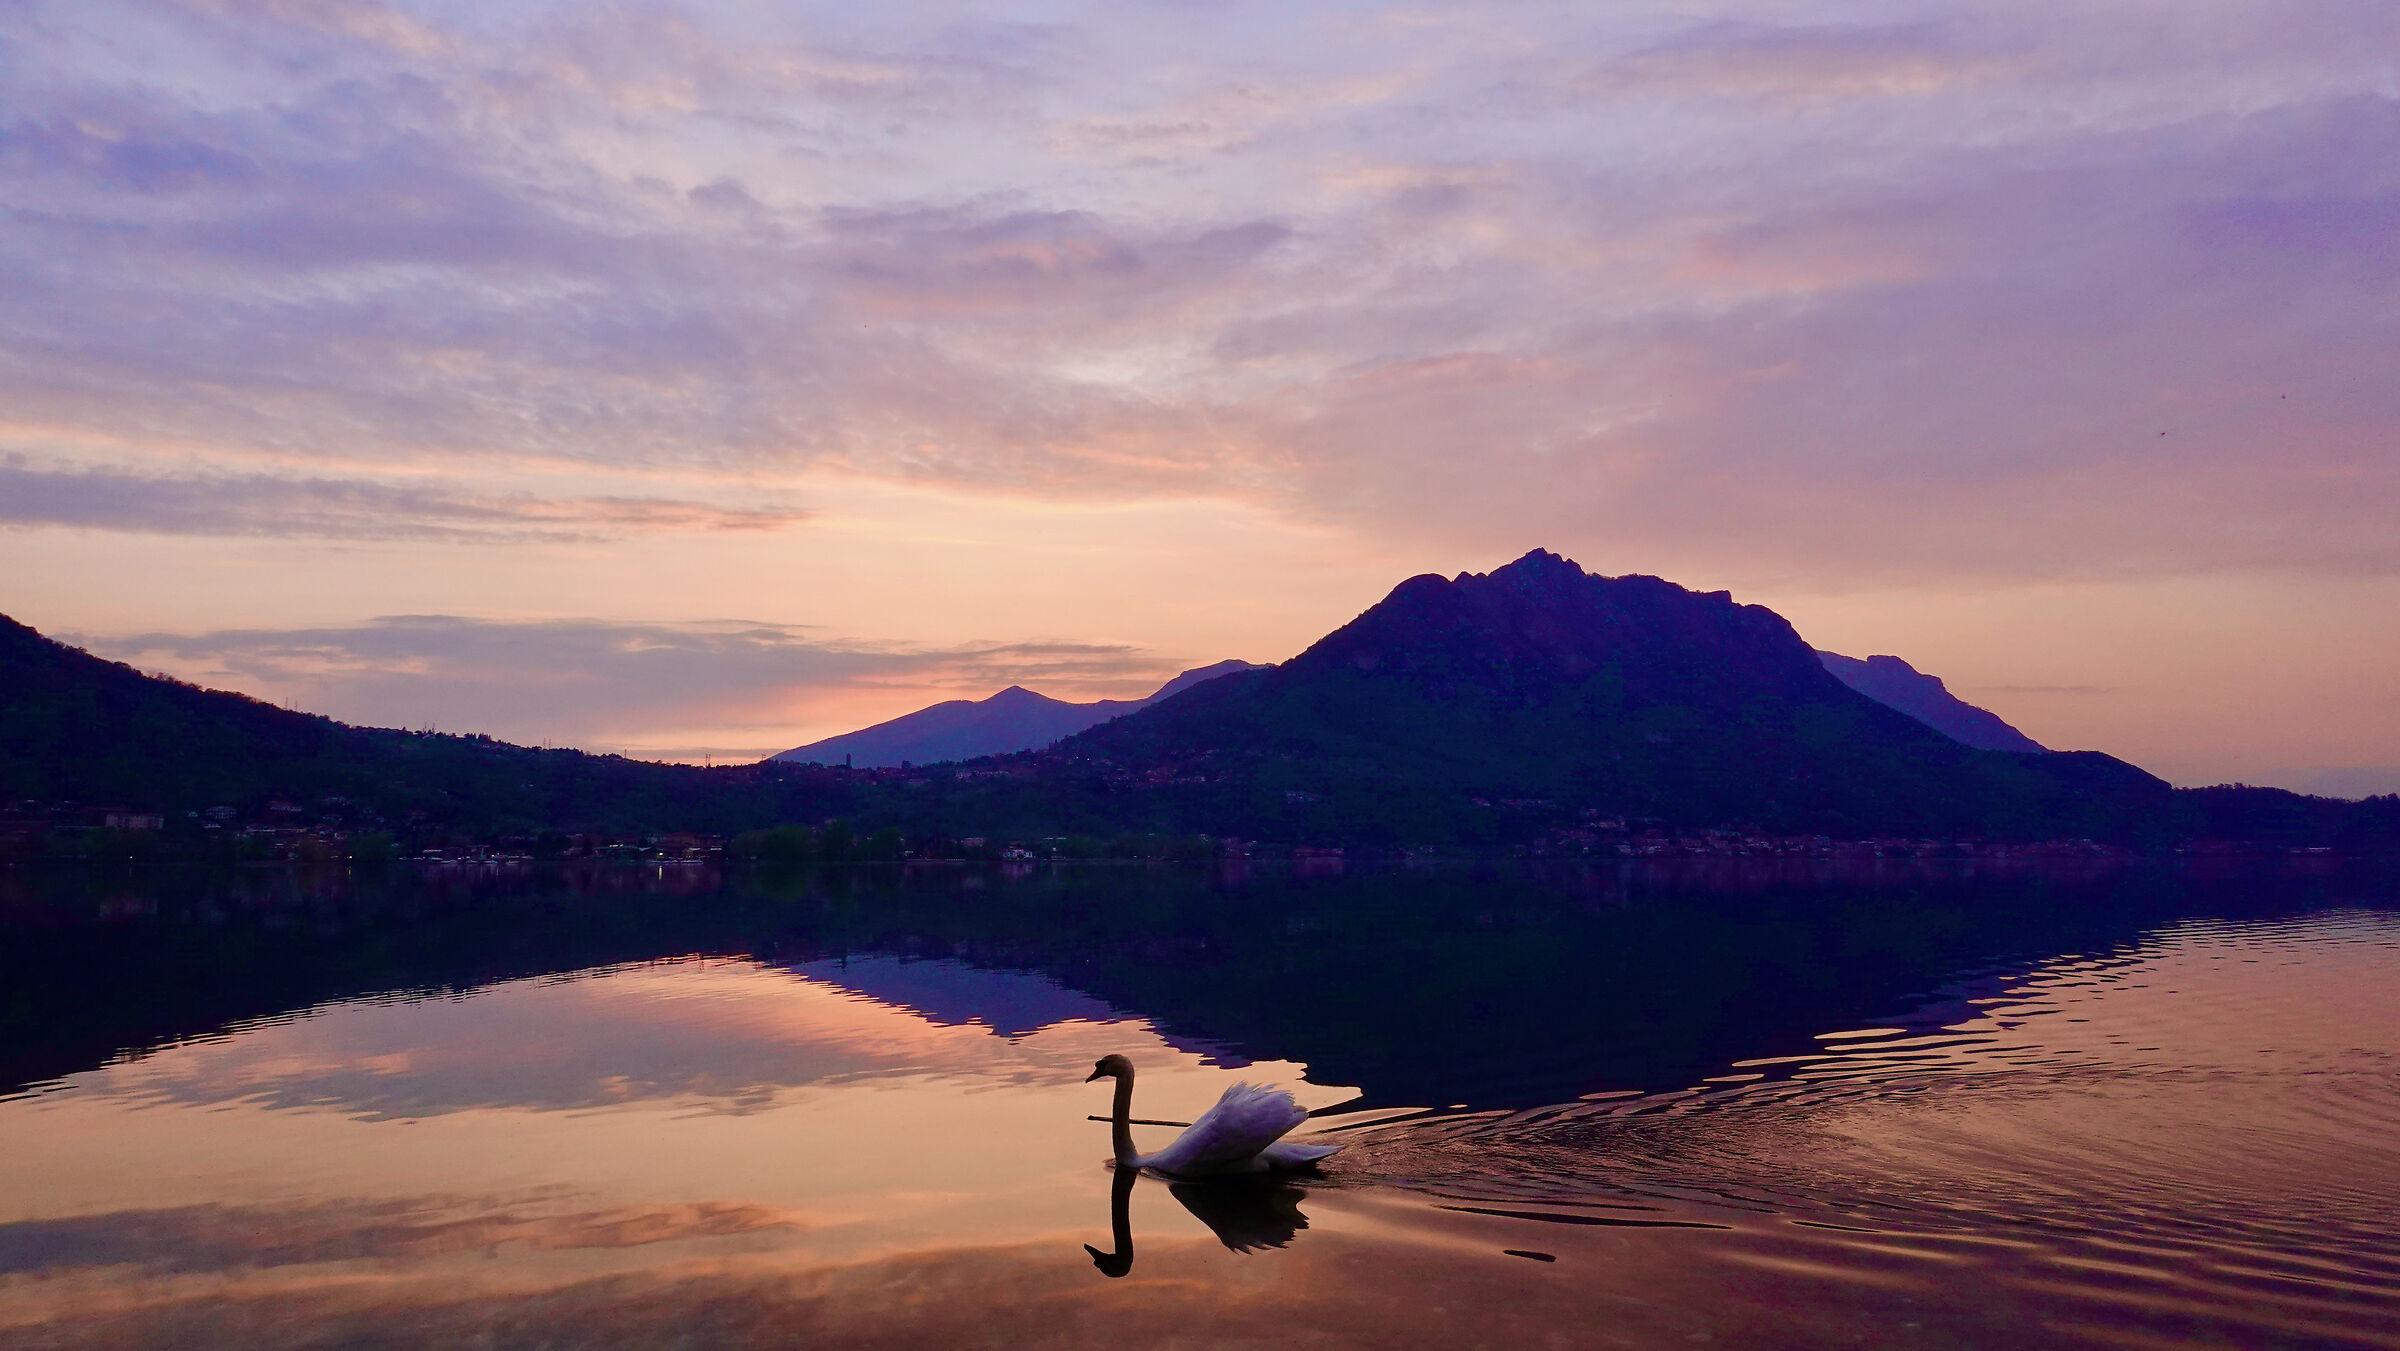 Tramonto sul lago con cigno...